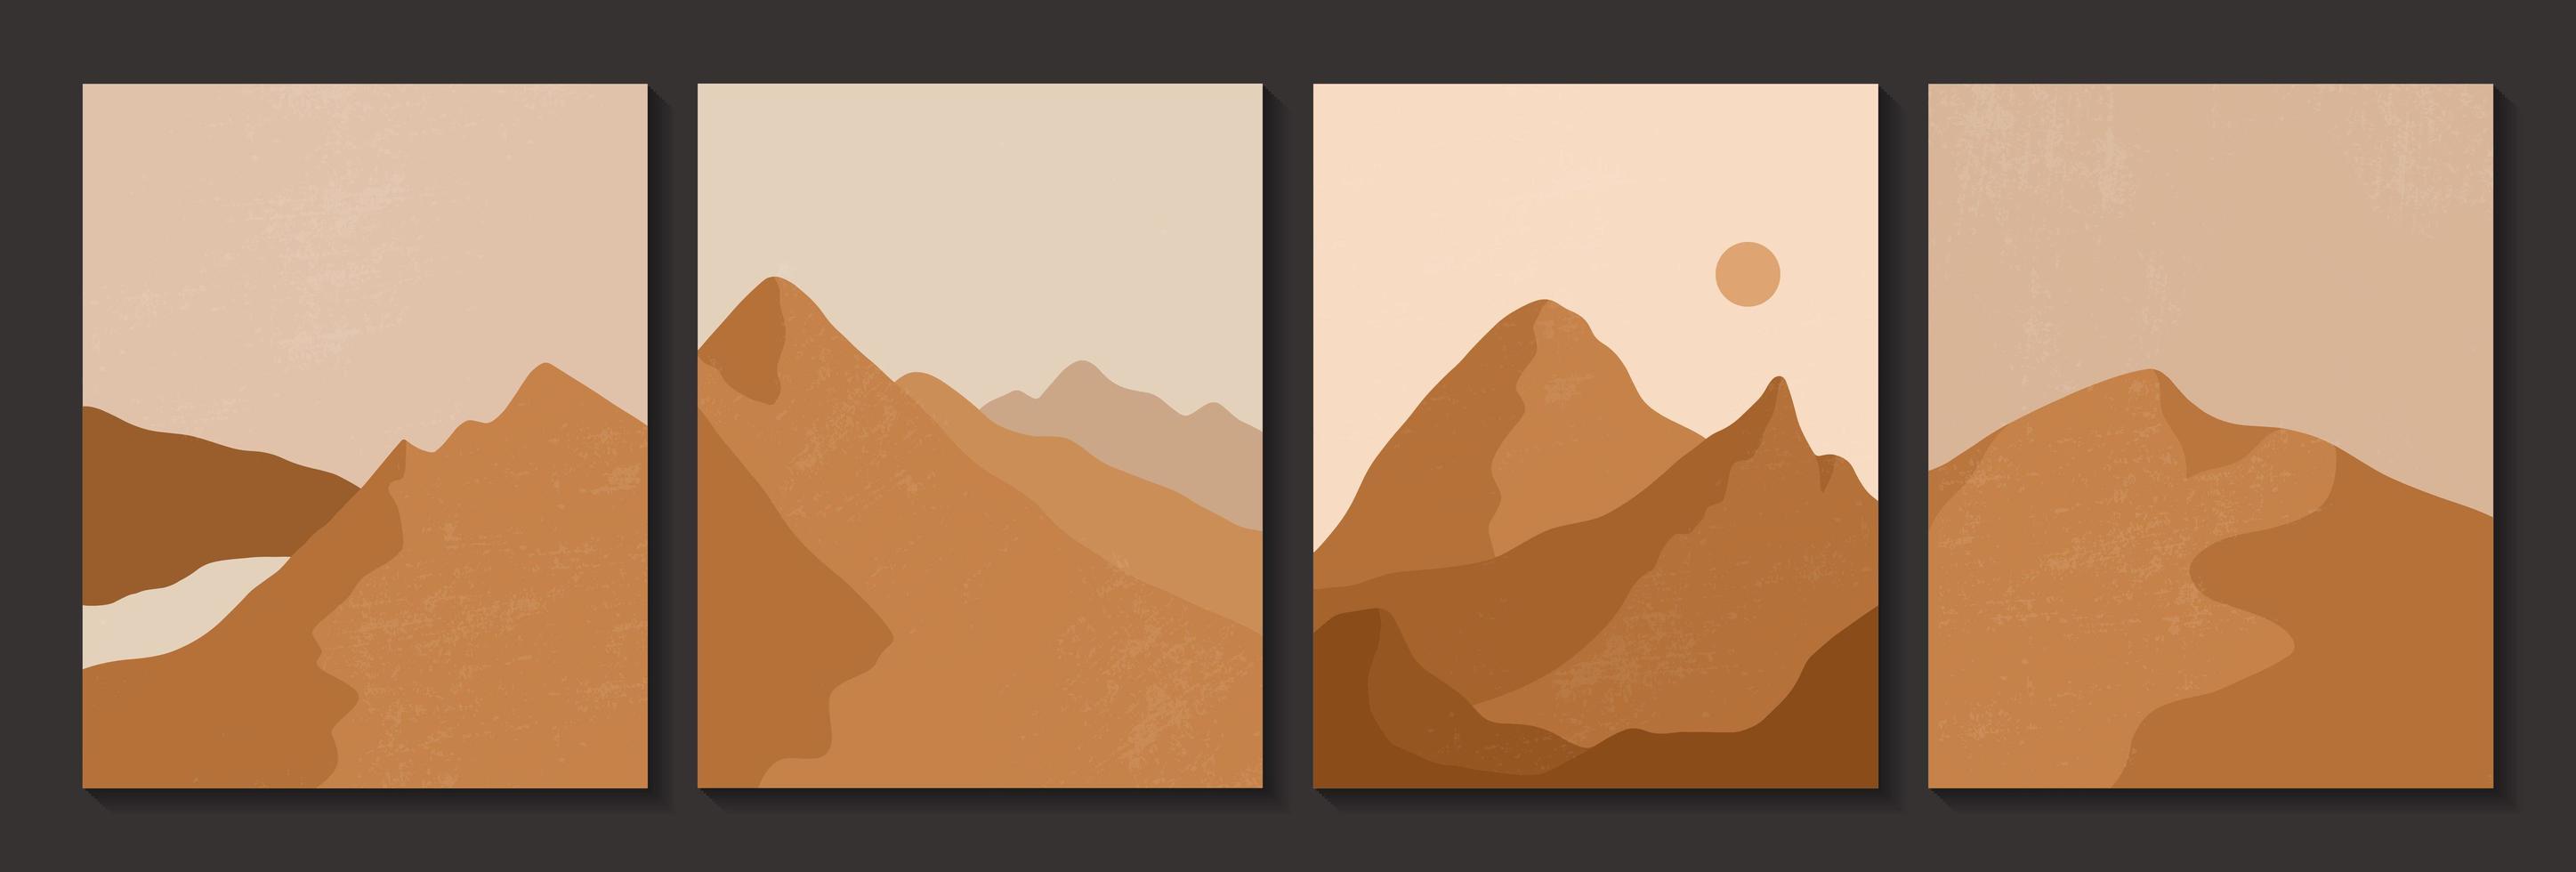 affiches esthétiques contemporaines abstraites avec désert. vecteur